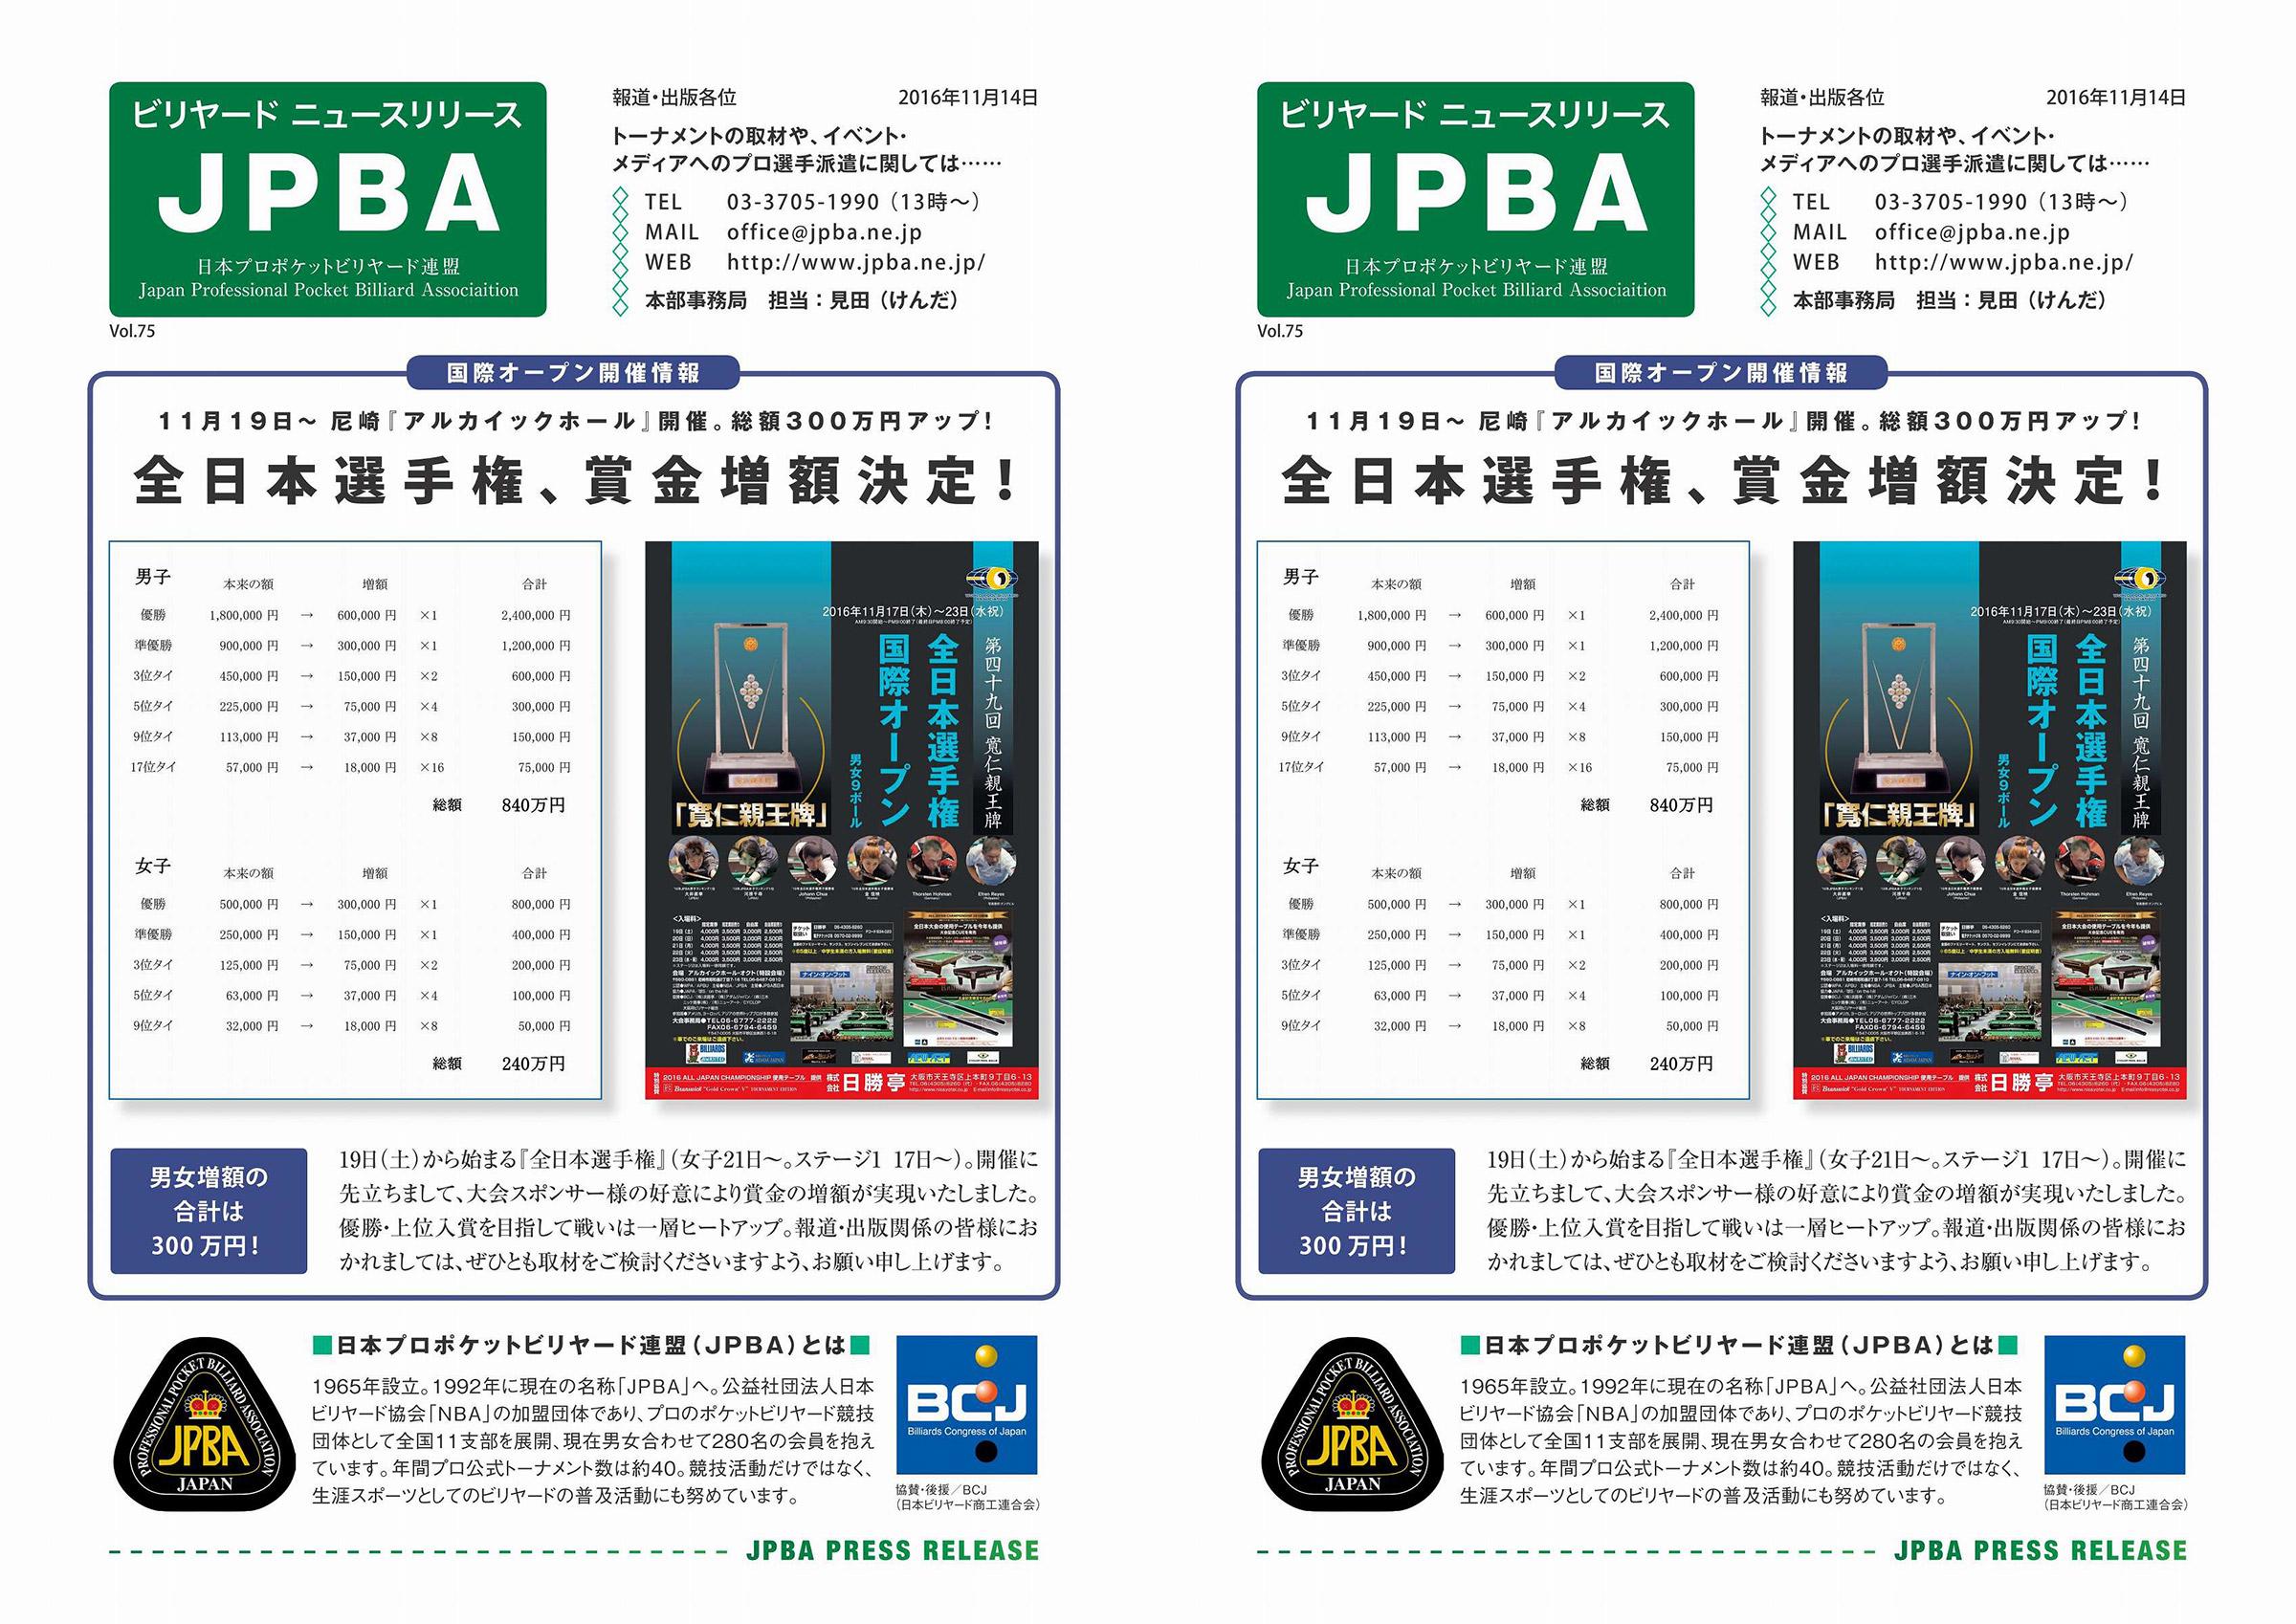 jpba-pr-75_01